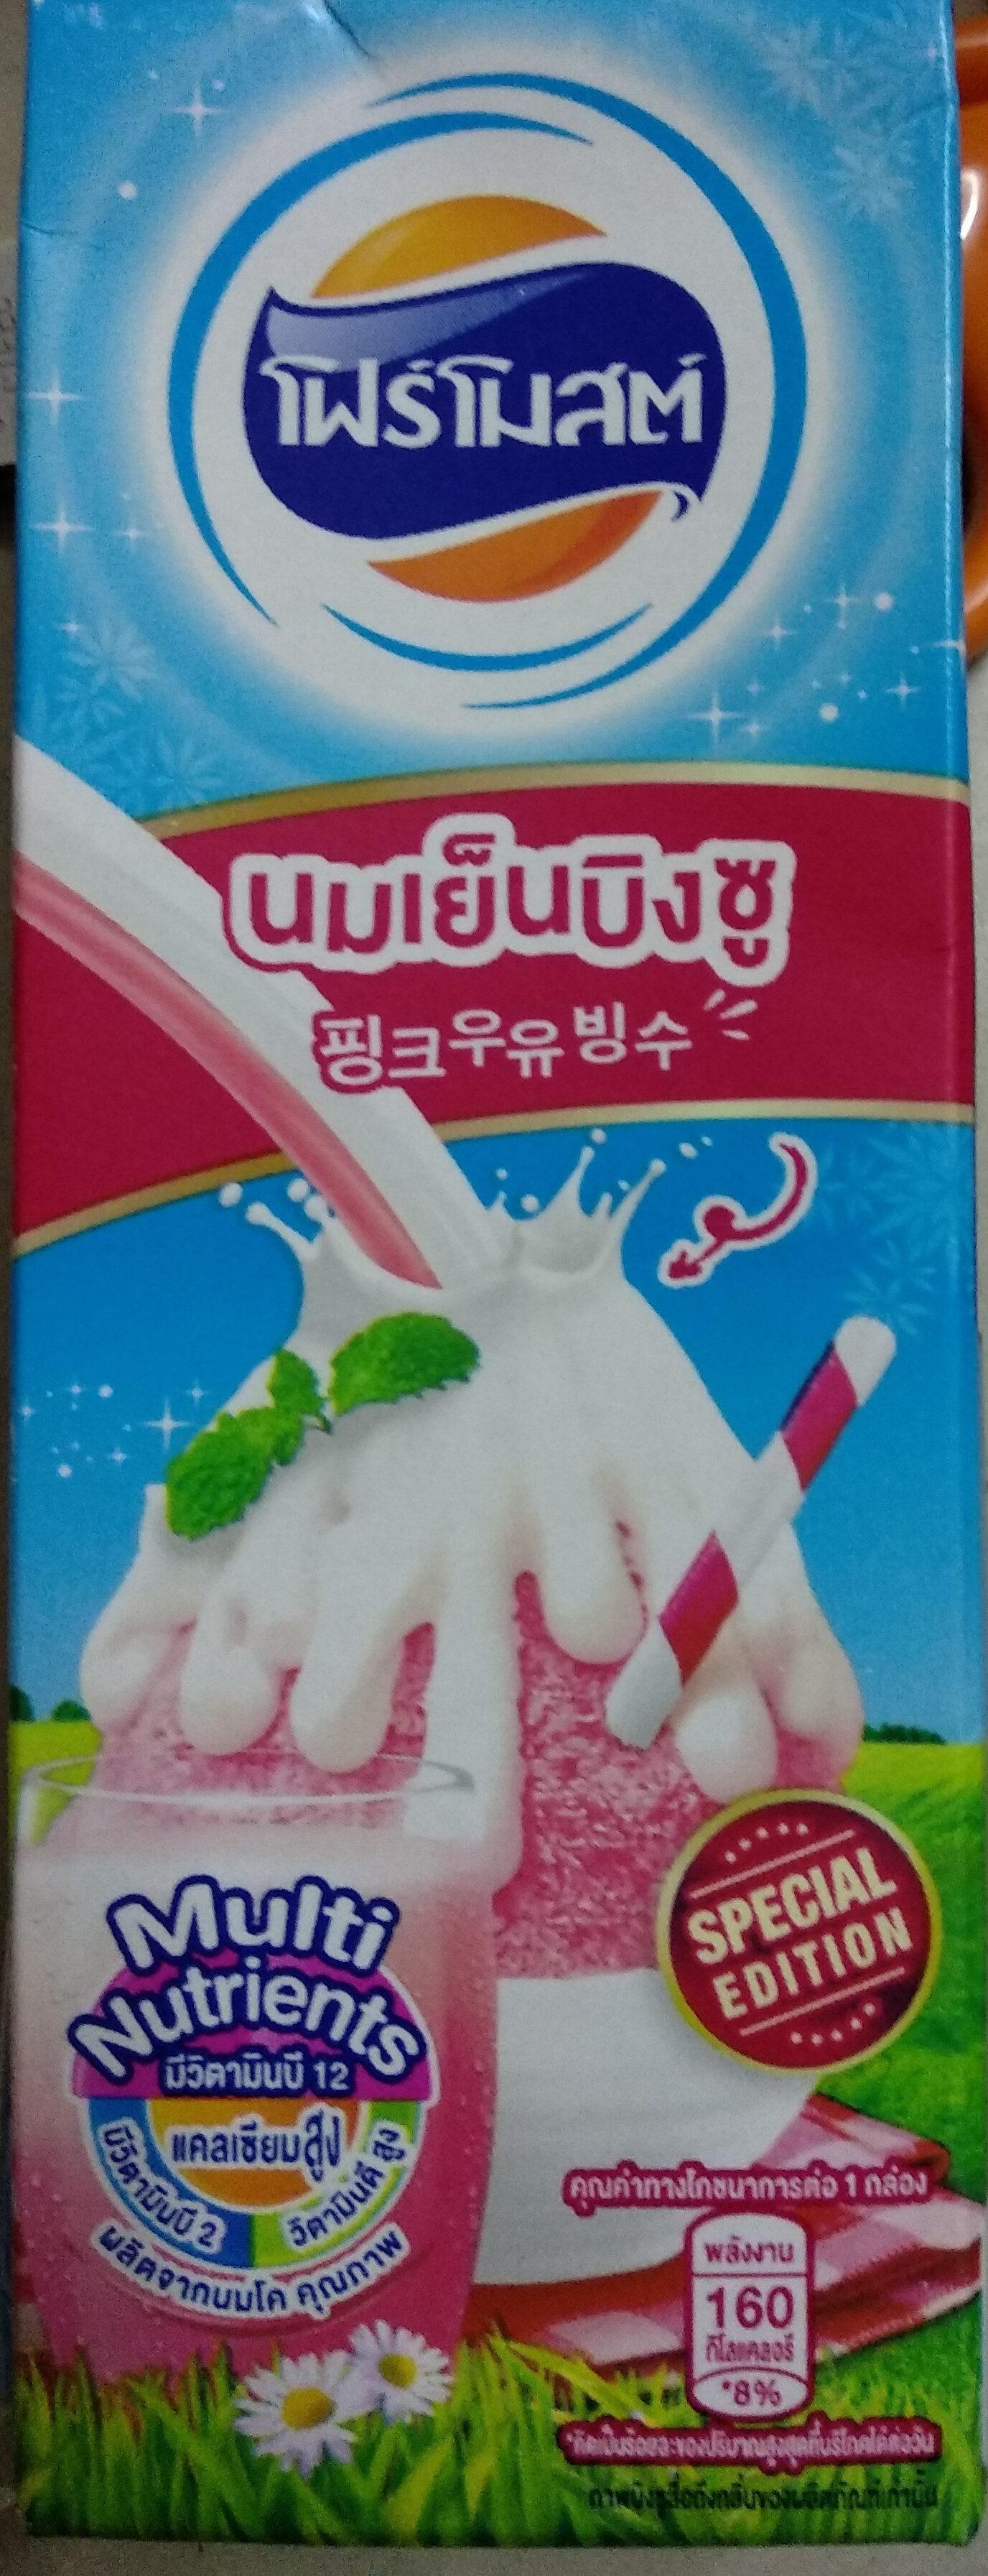 นมเย็นบิงซู - Product - th